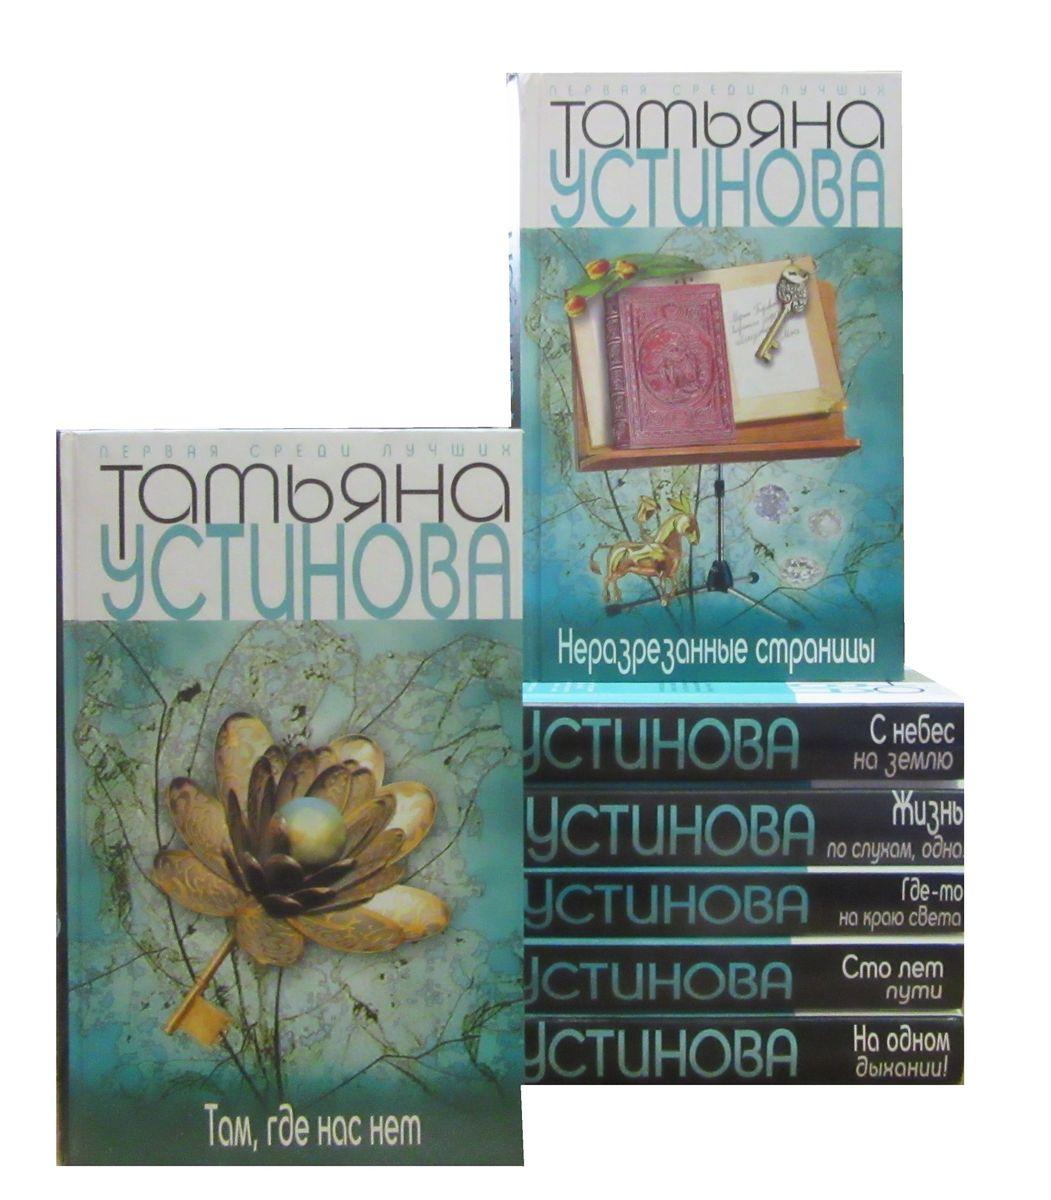 Устинова Татьяна Татьяна Устинова. Первая среди лучших (комплект из 7 книг)